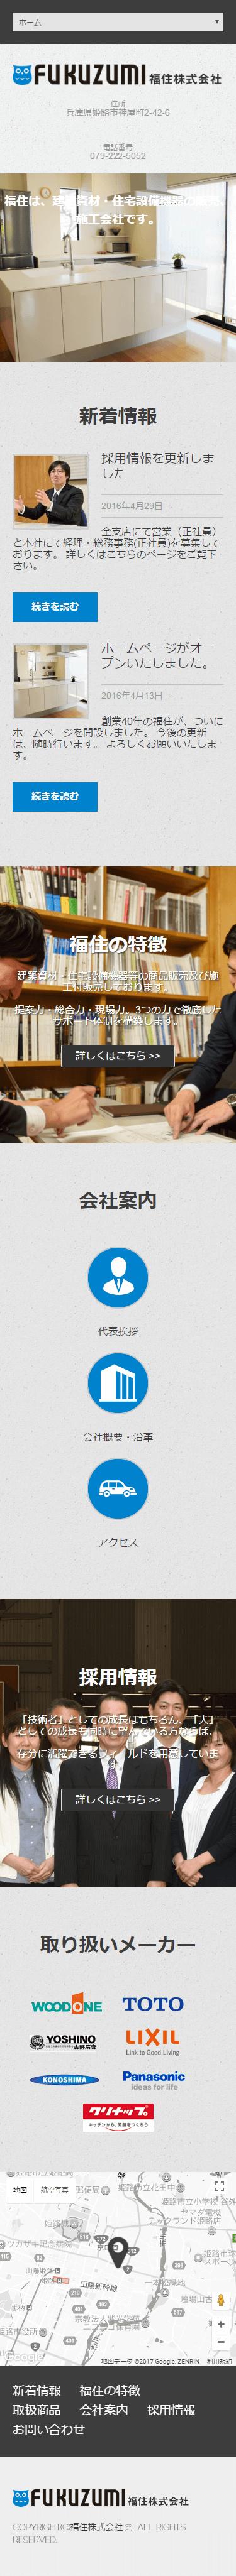 姫路市 福住株式会社様 ホームページ制作3